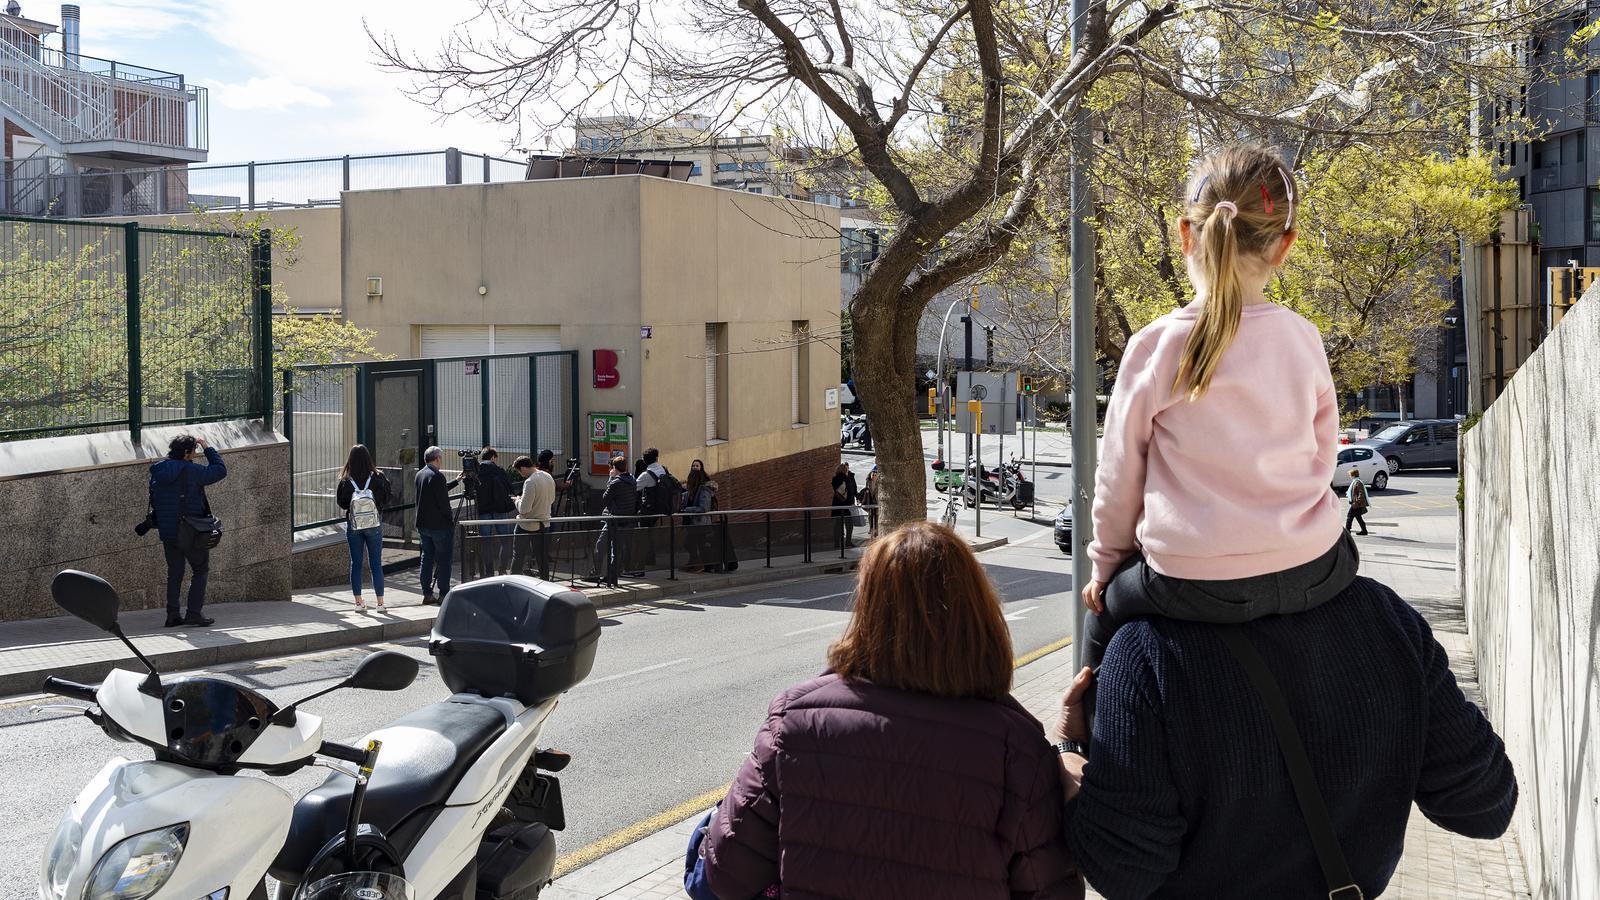 L'escola Bressol Municipal de Gràcia, on fa uns dies un dels treballadors va donar positiu en Coronavirus